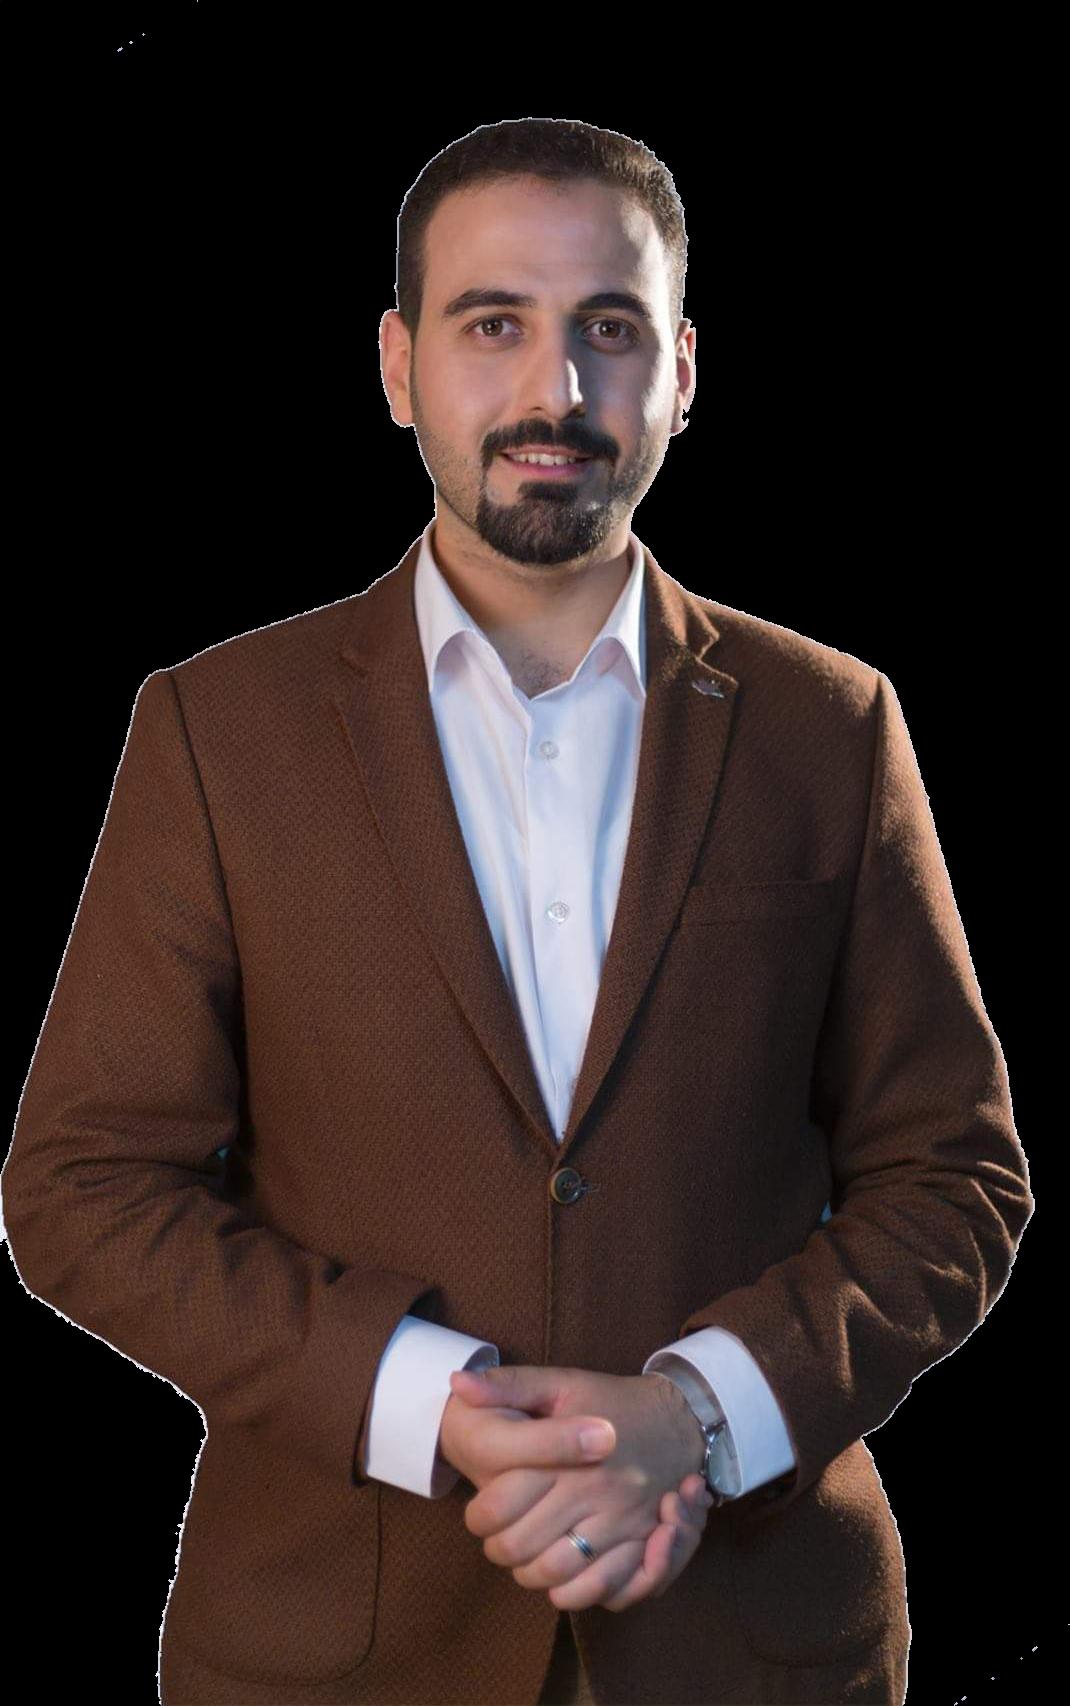 د. زانا احمد قصاب